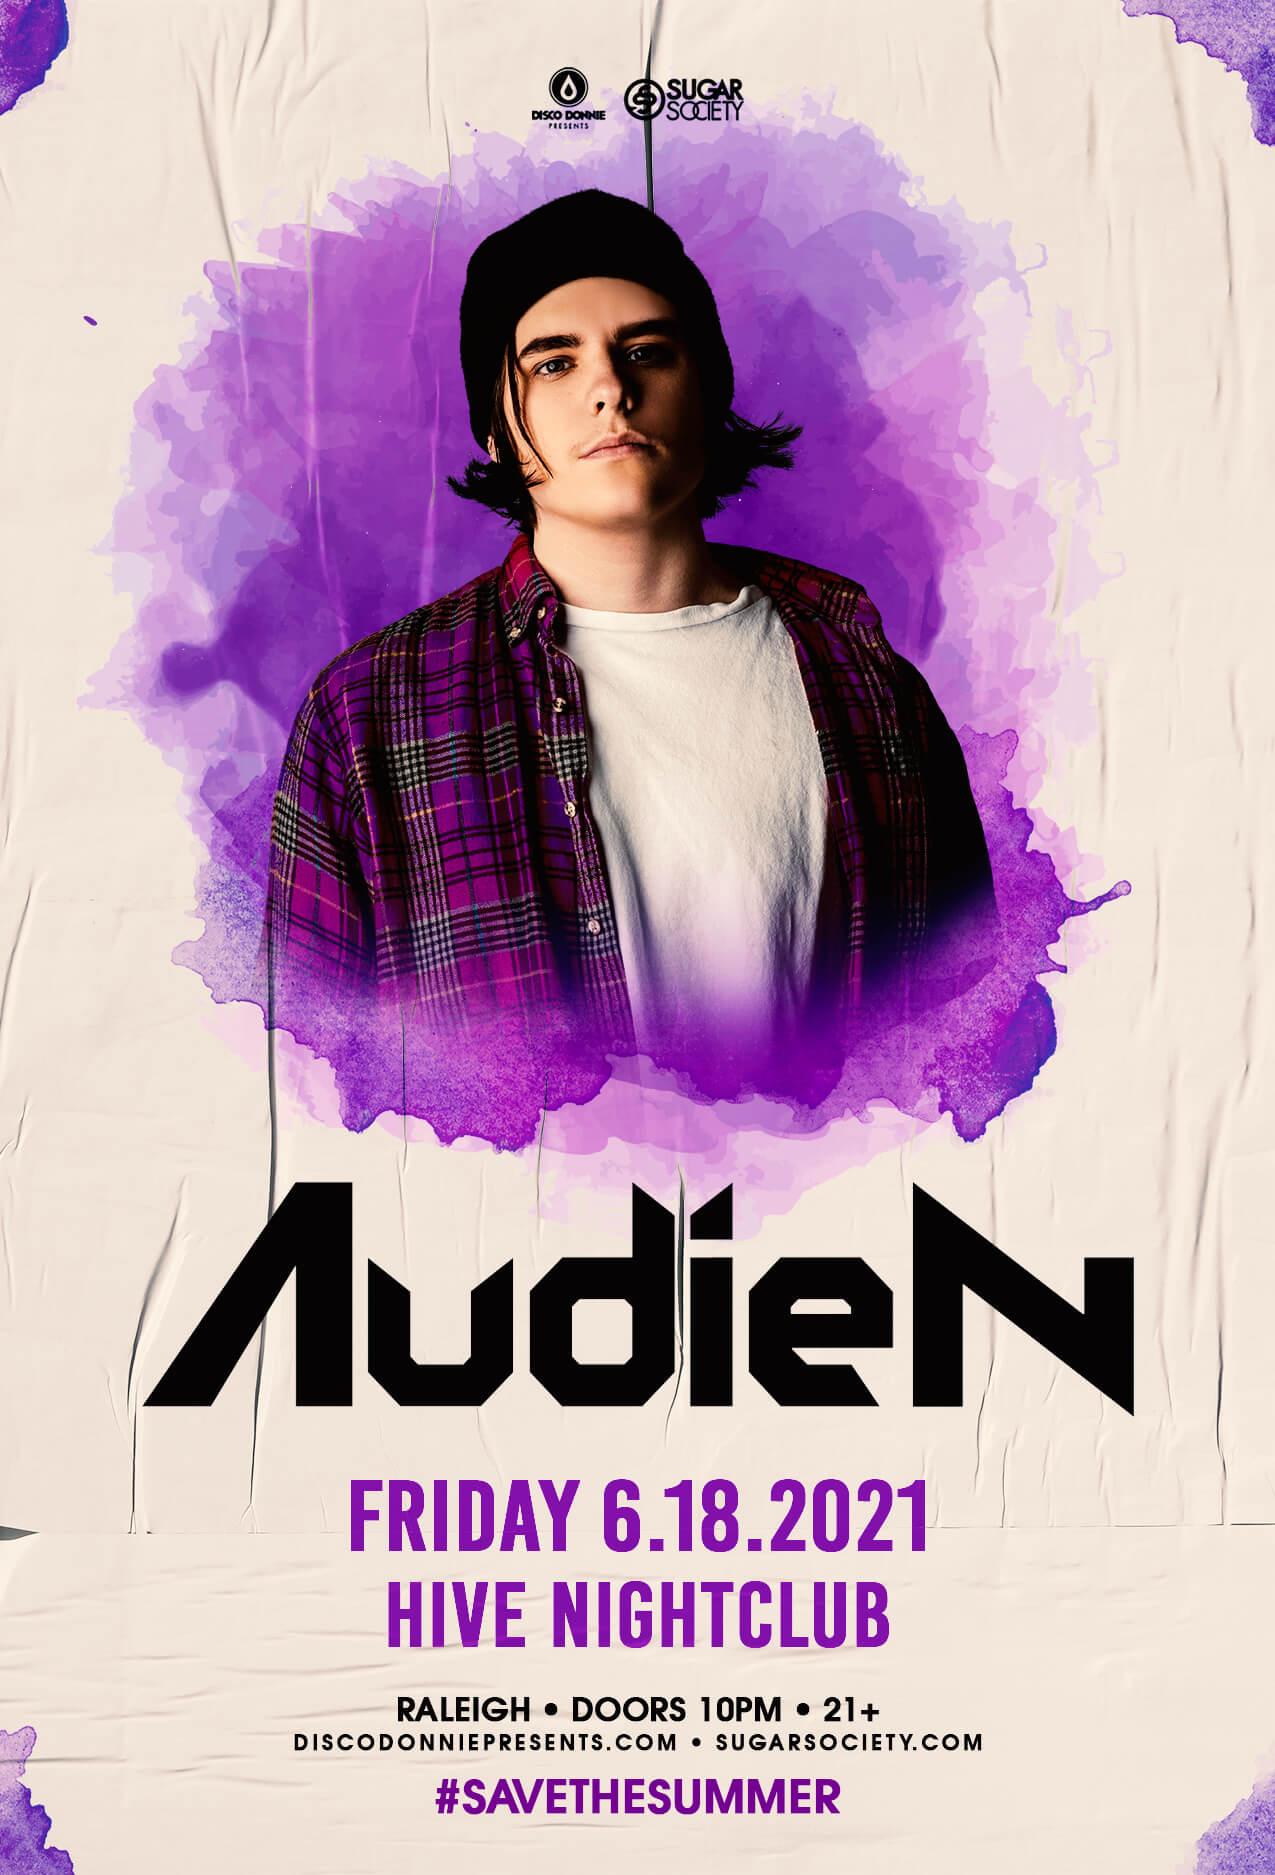 Audien in Raleigh